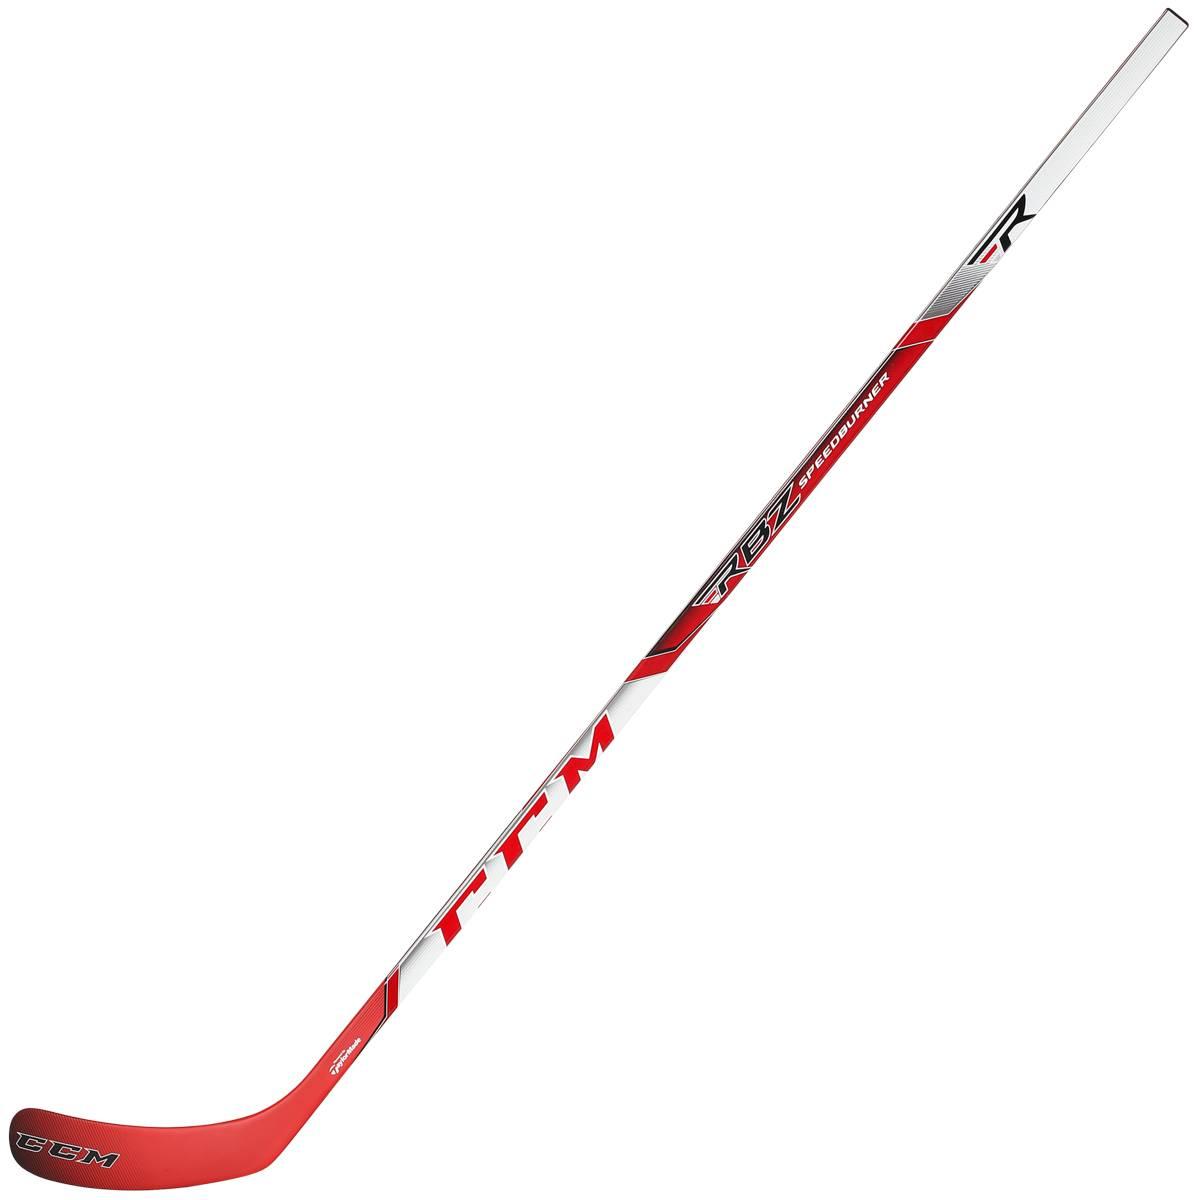 CCM RBZ Speedburner Hockey Stick